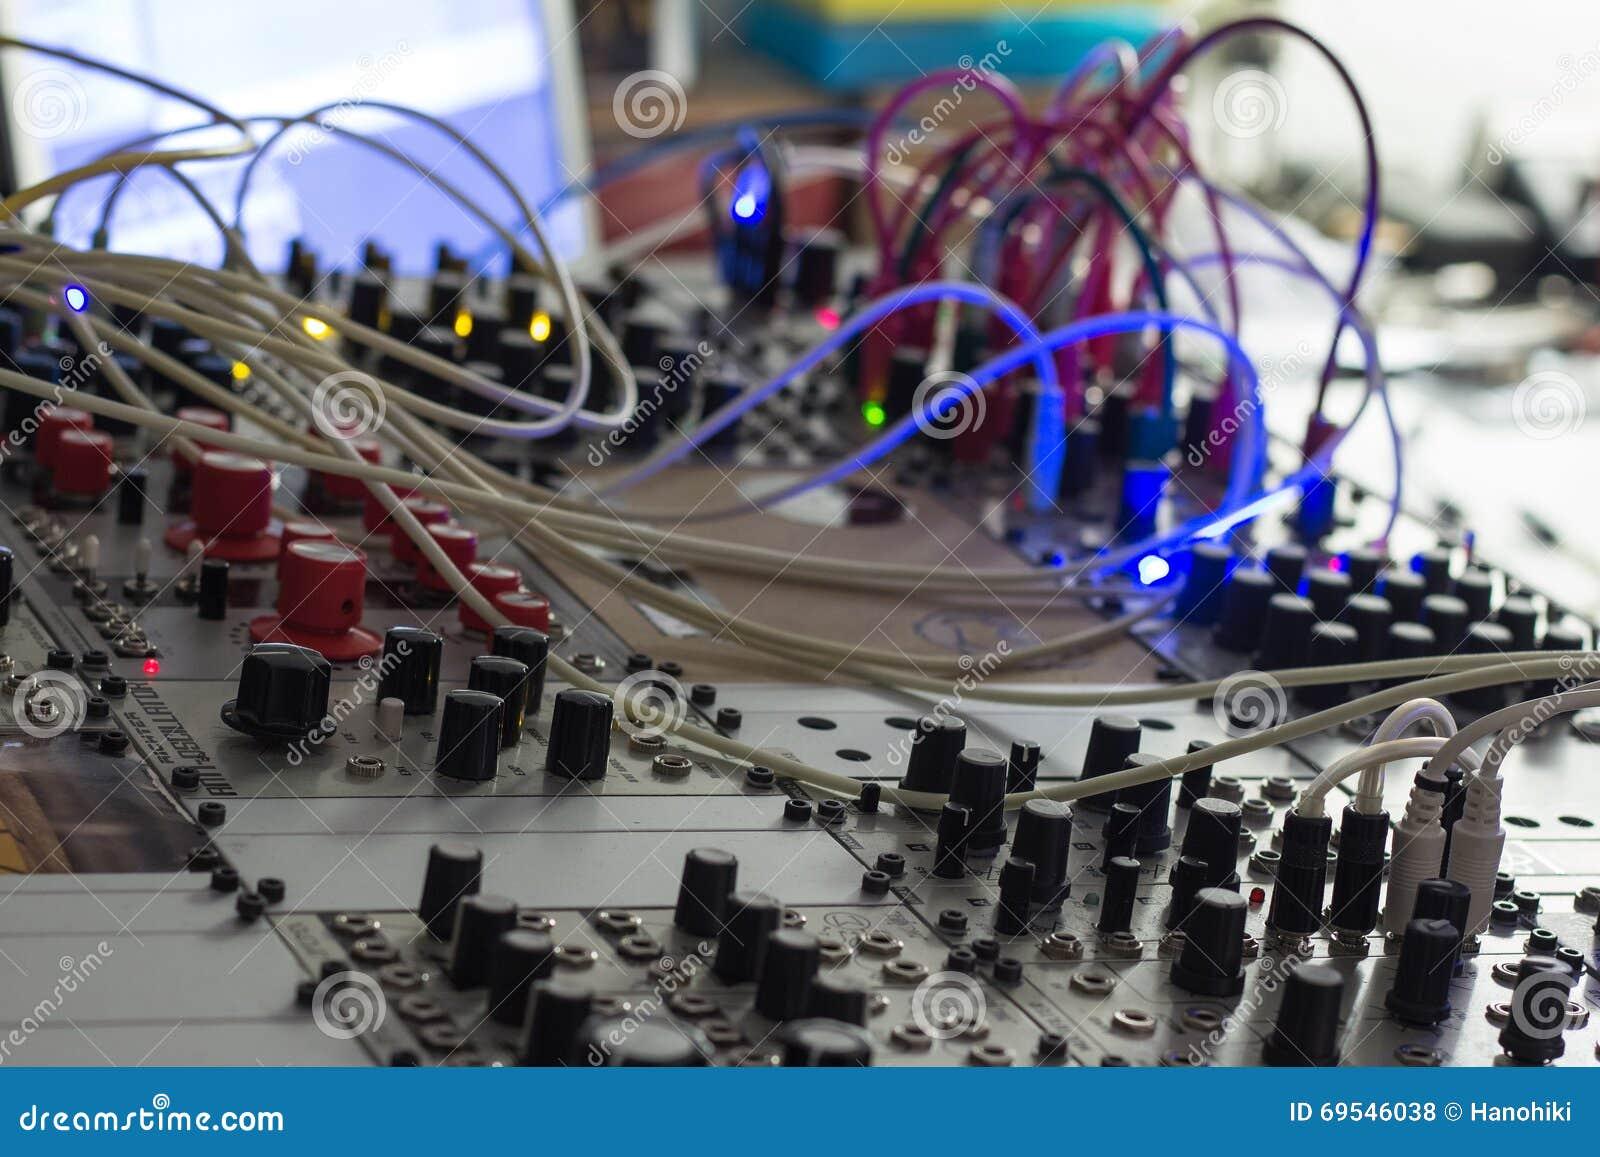 Sintetizador modular, close up análogo do synth